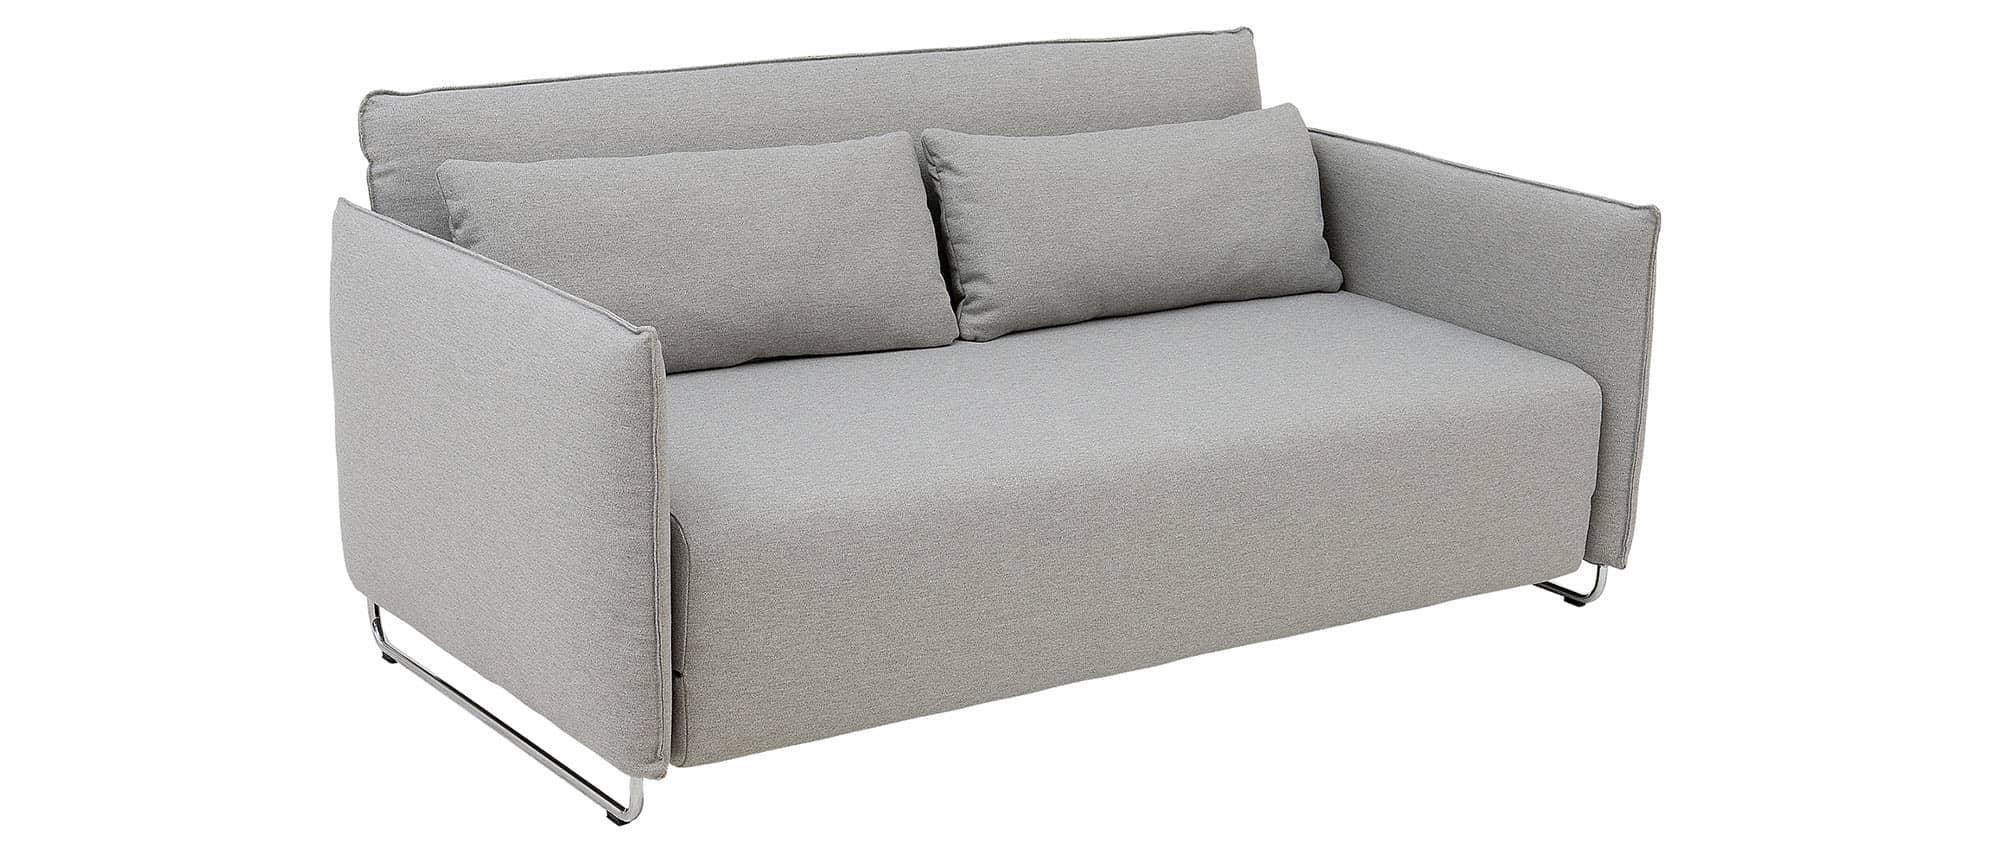 Geräumig Schlafsofa 160x200 Dekoration Von